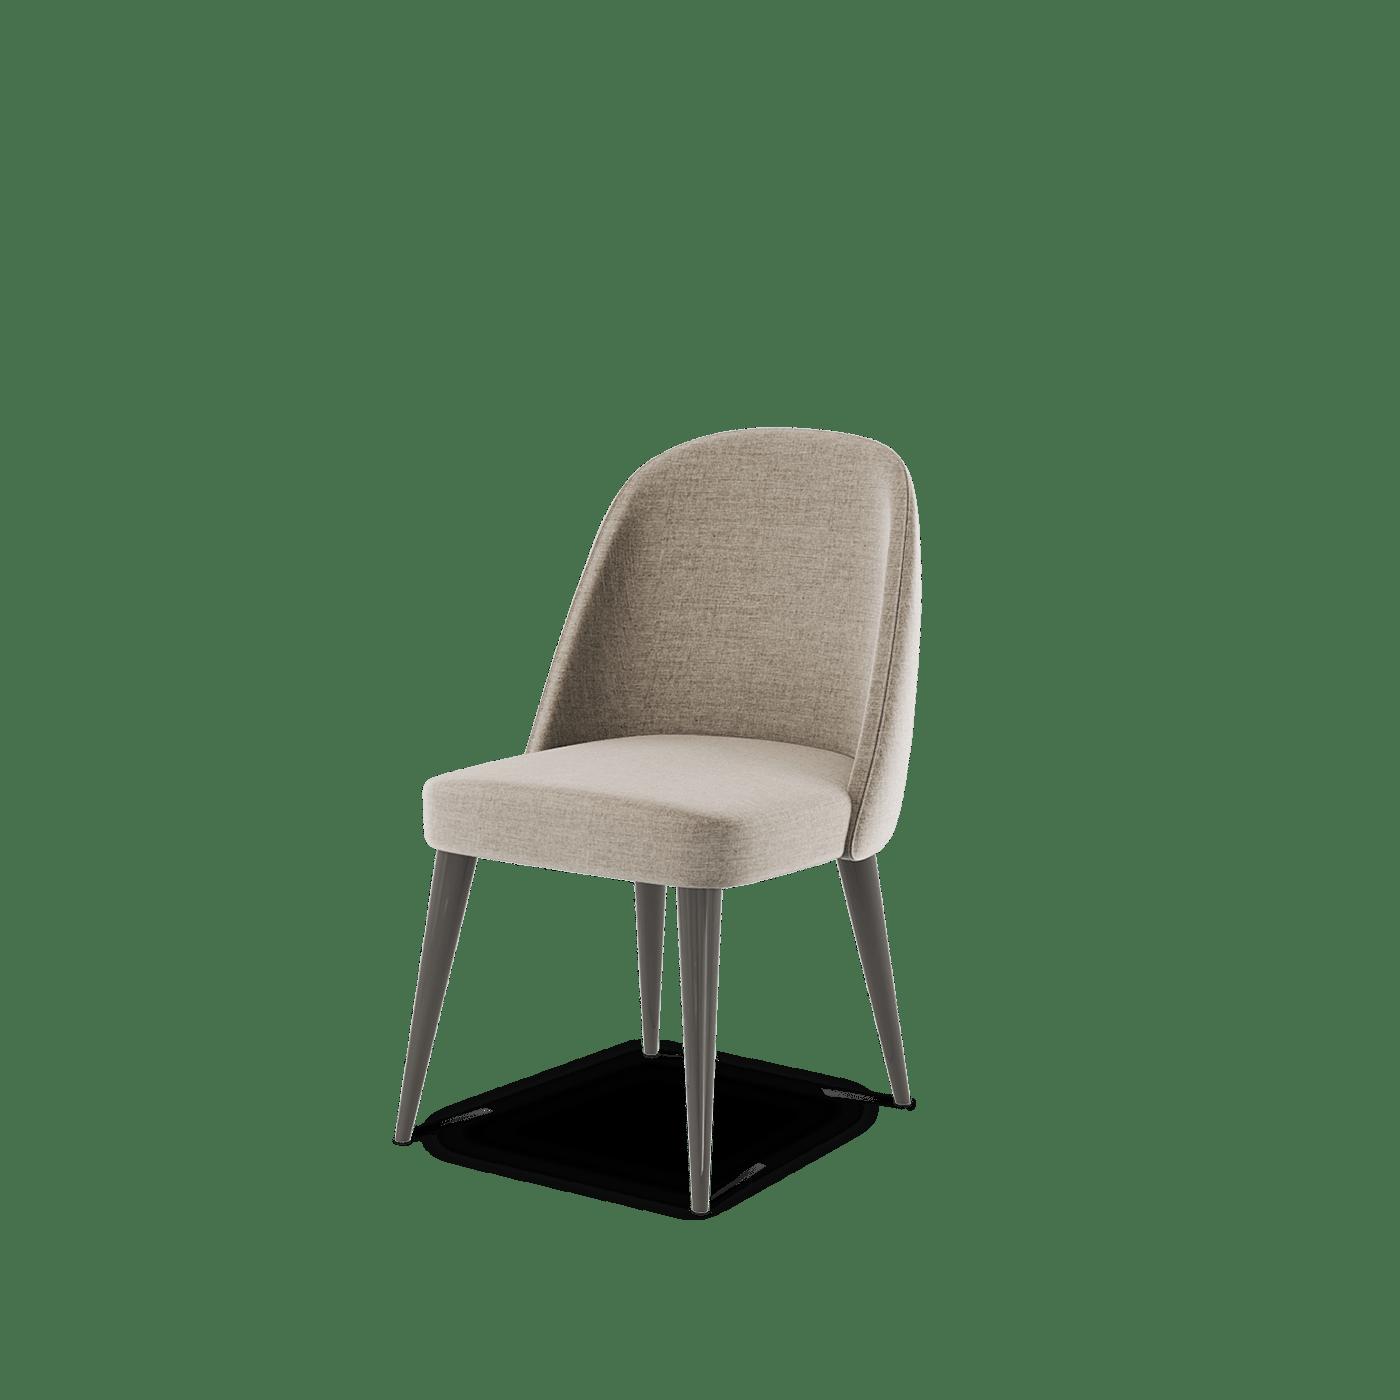 Gascoh Chair